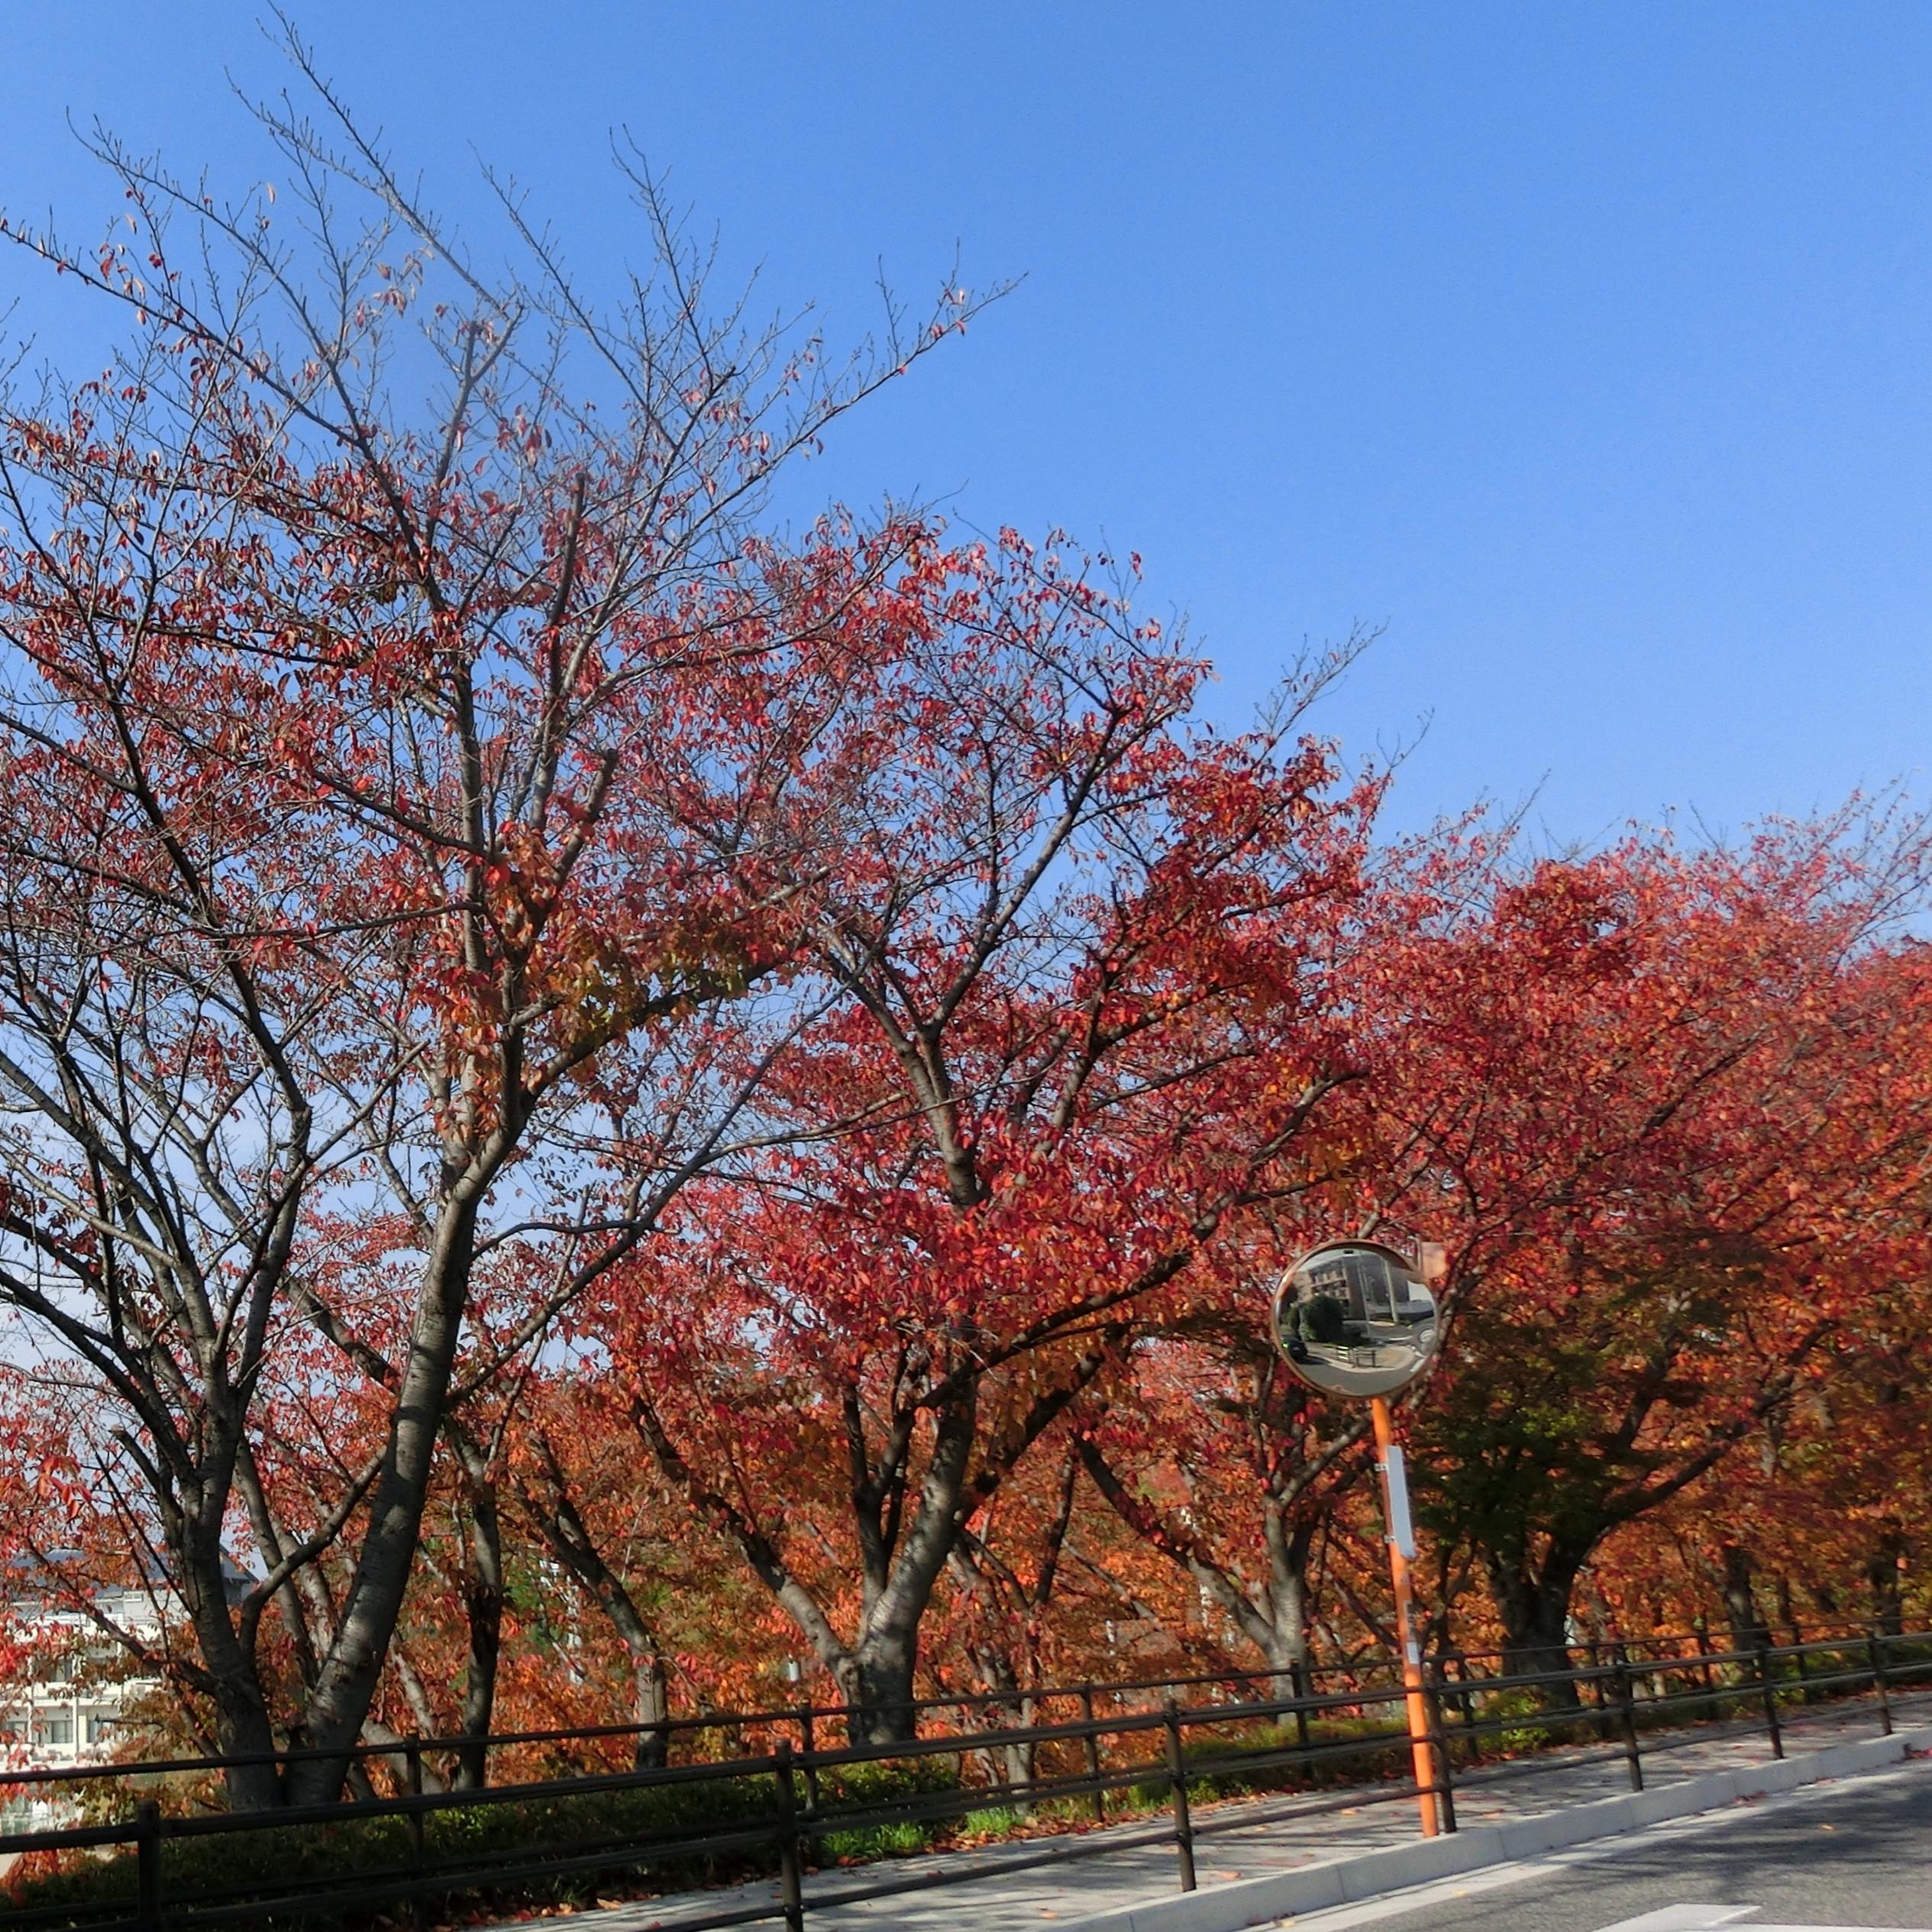 待兼山の紅葉、散りつつるけれど